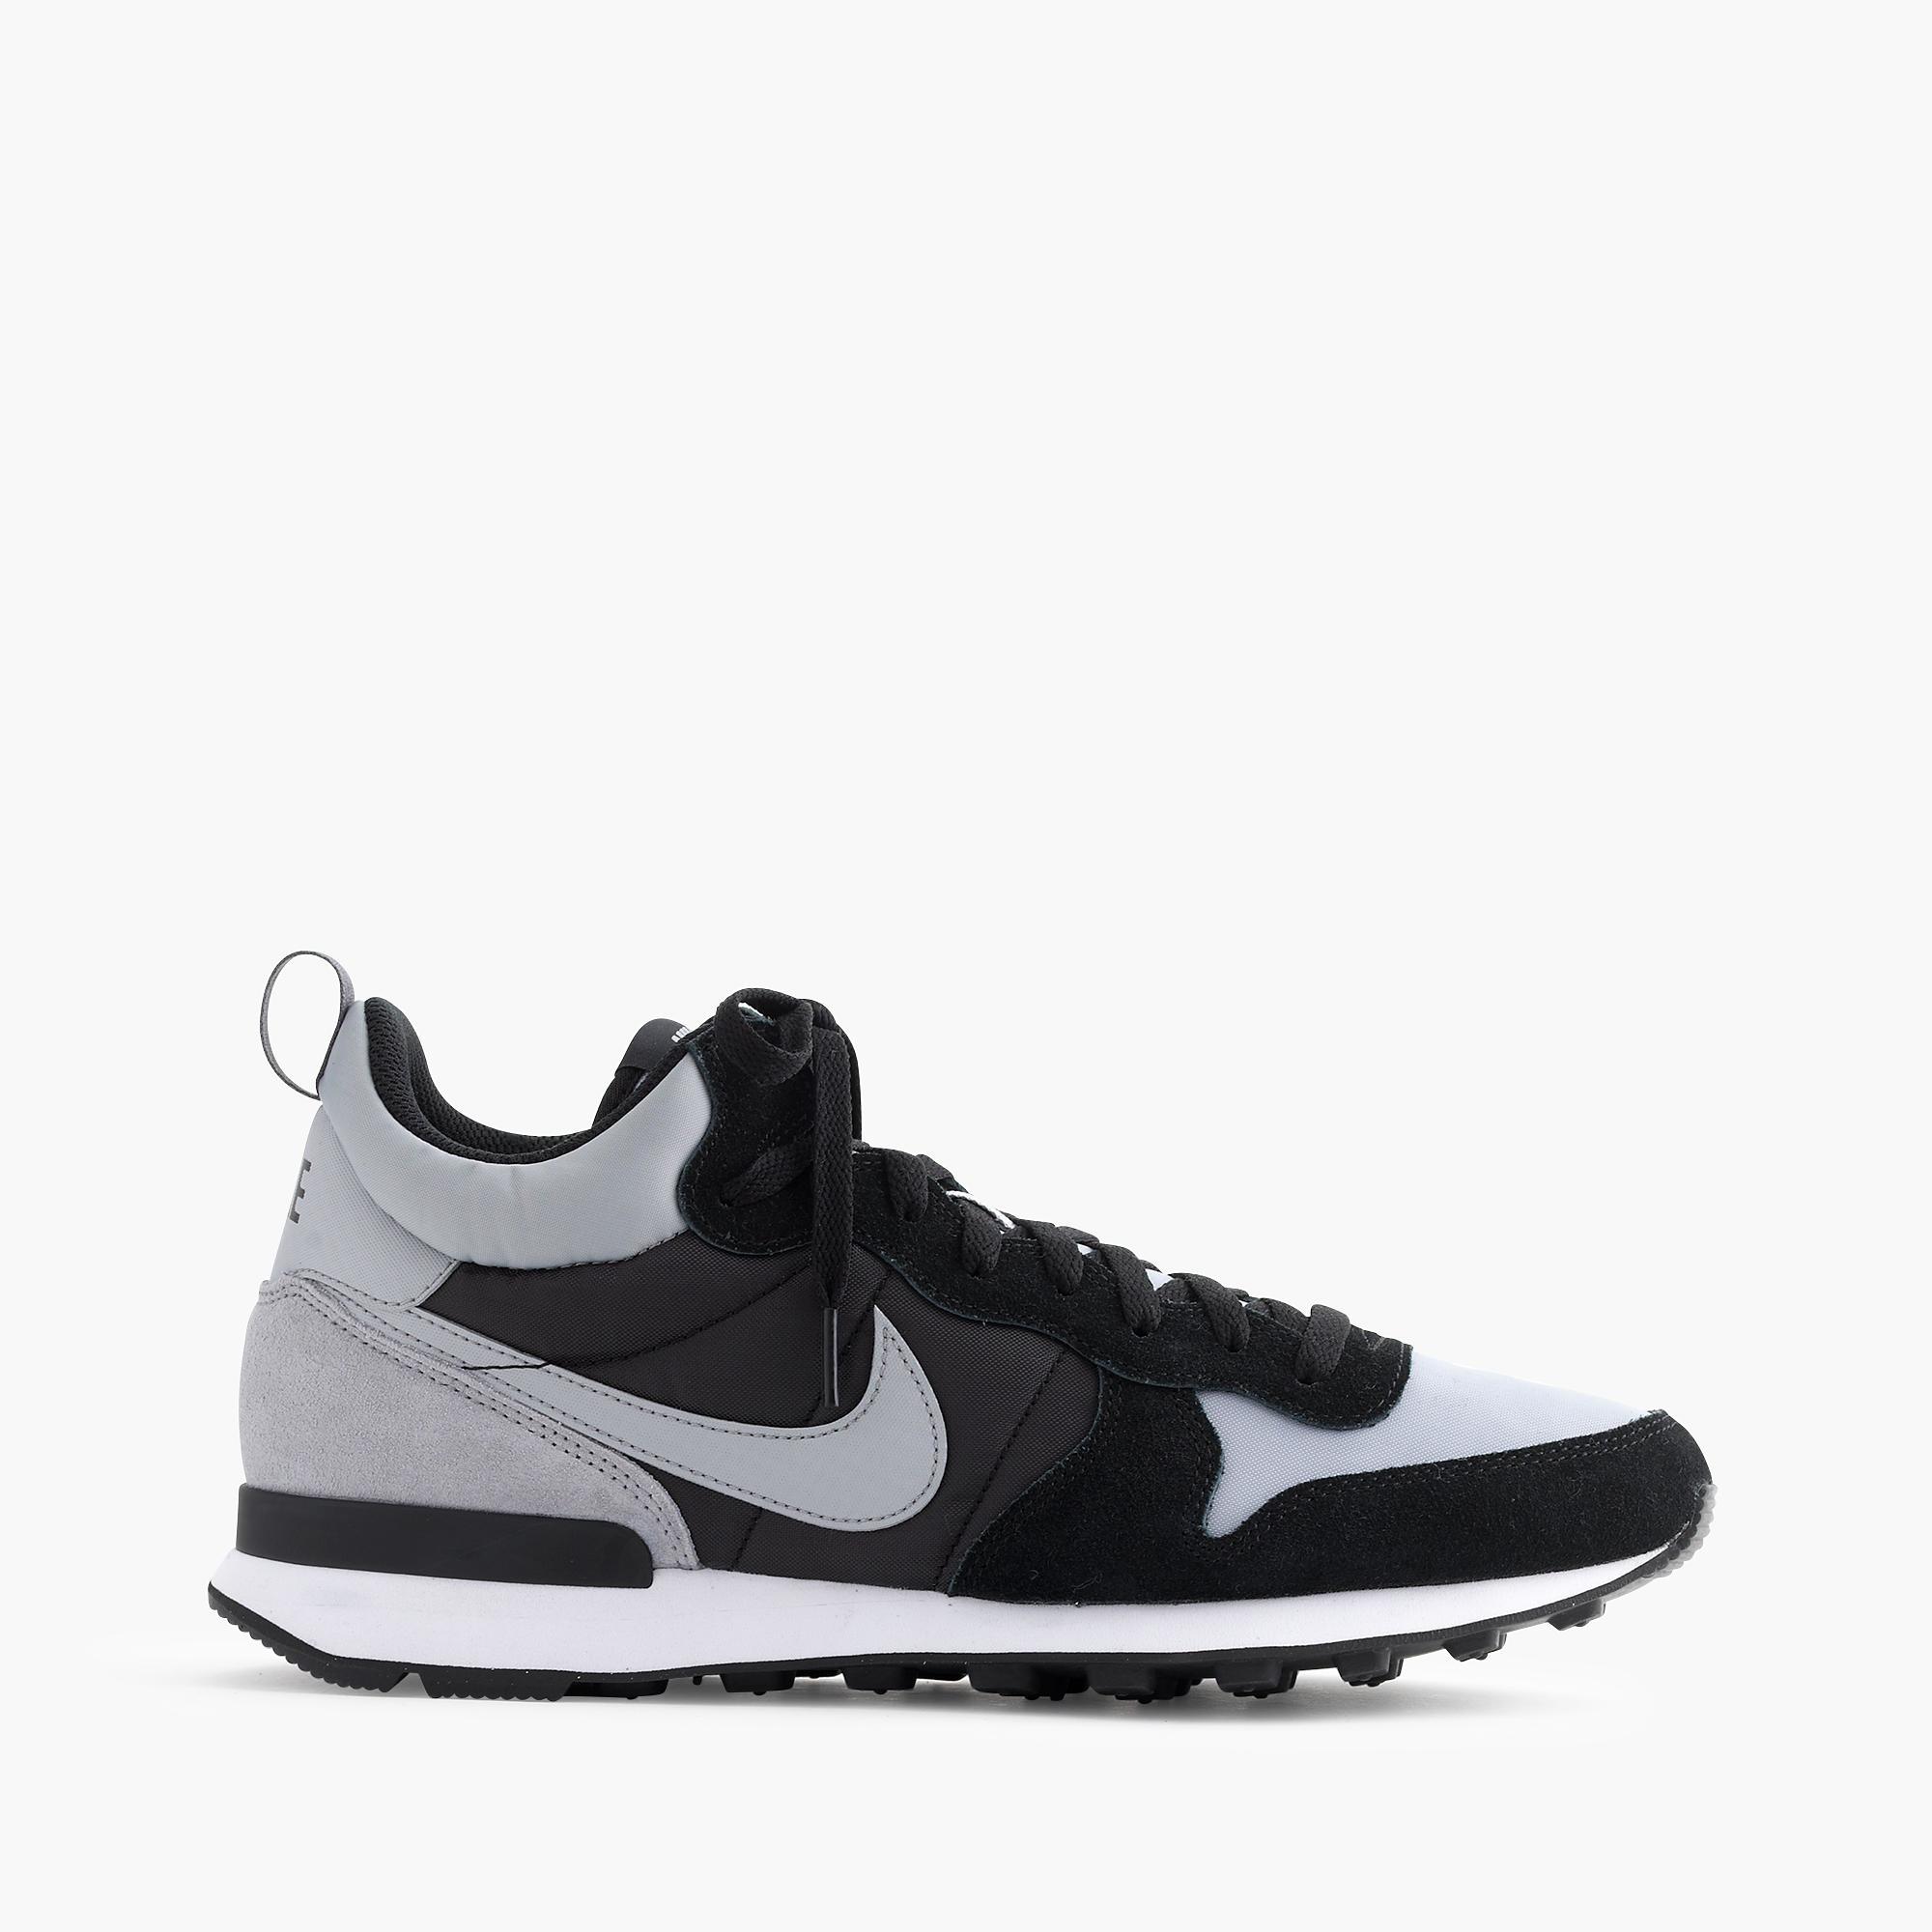 sports shoes 0041b cece9 Gallery. Men s Nike Internationalist